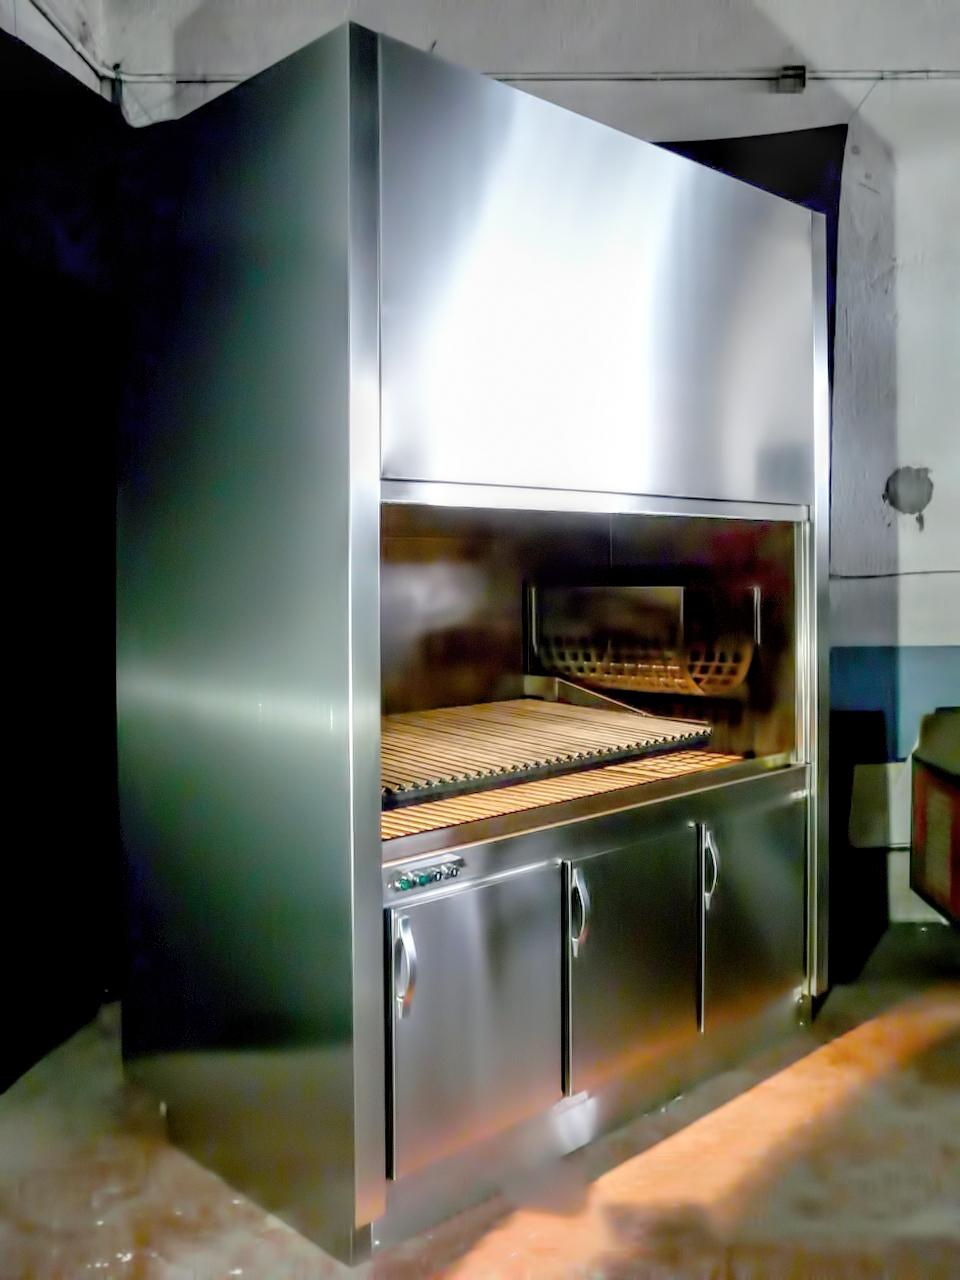 fotos-parrillas-proyectos-obras-aceroinnova-cocinas-hosteleria-restauracion-instalaciones-montaje14